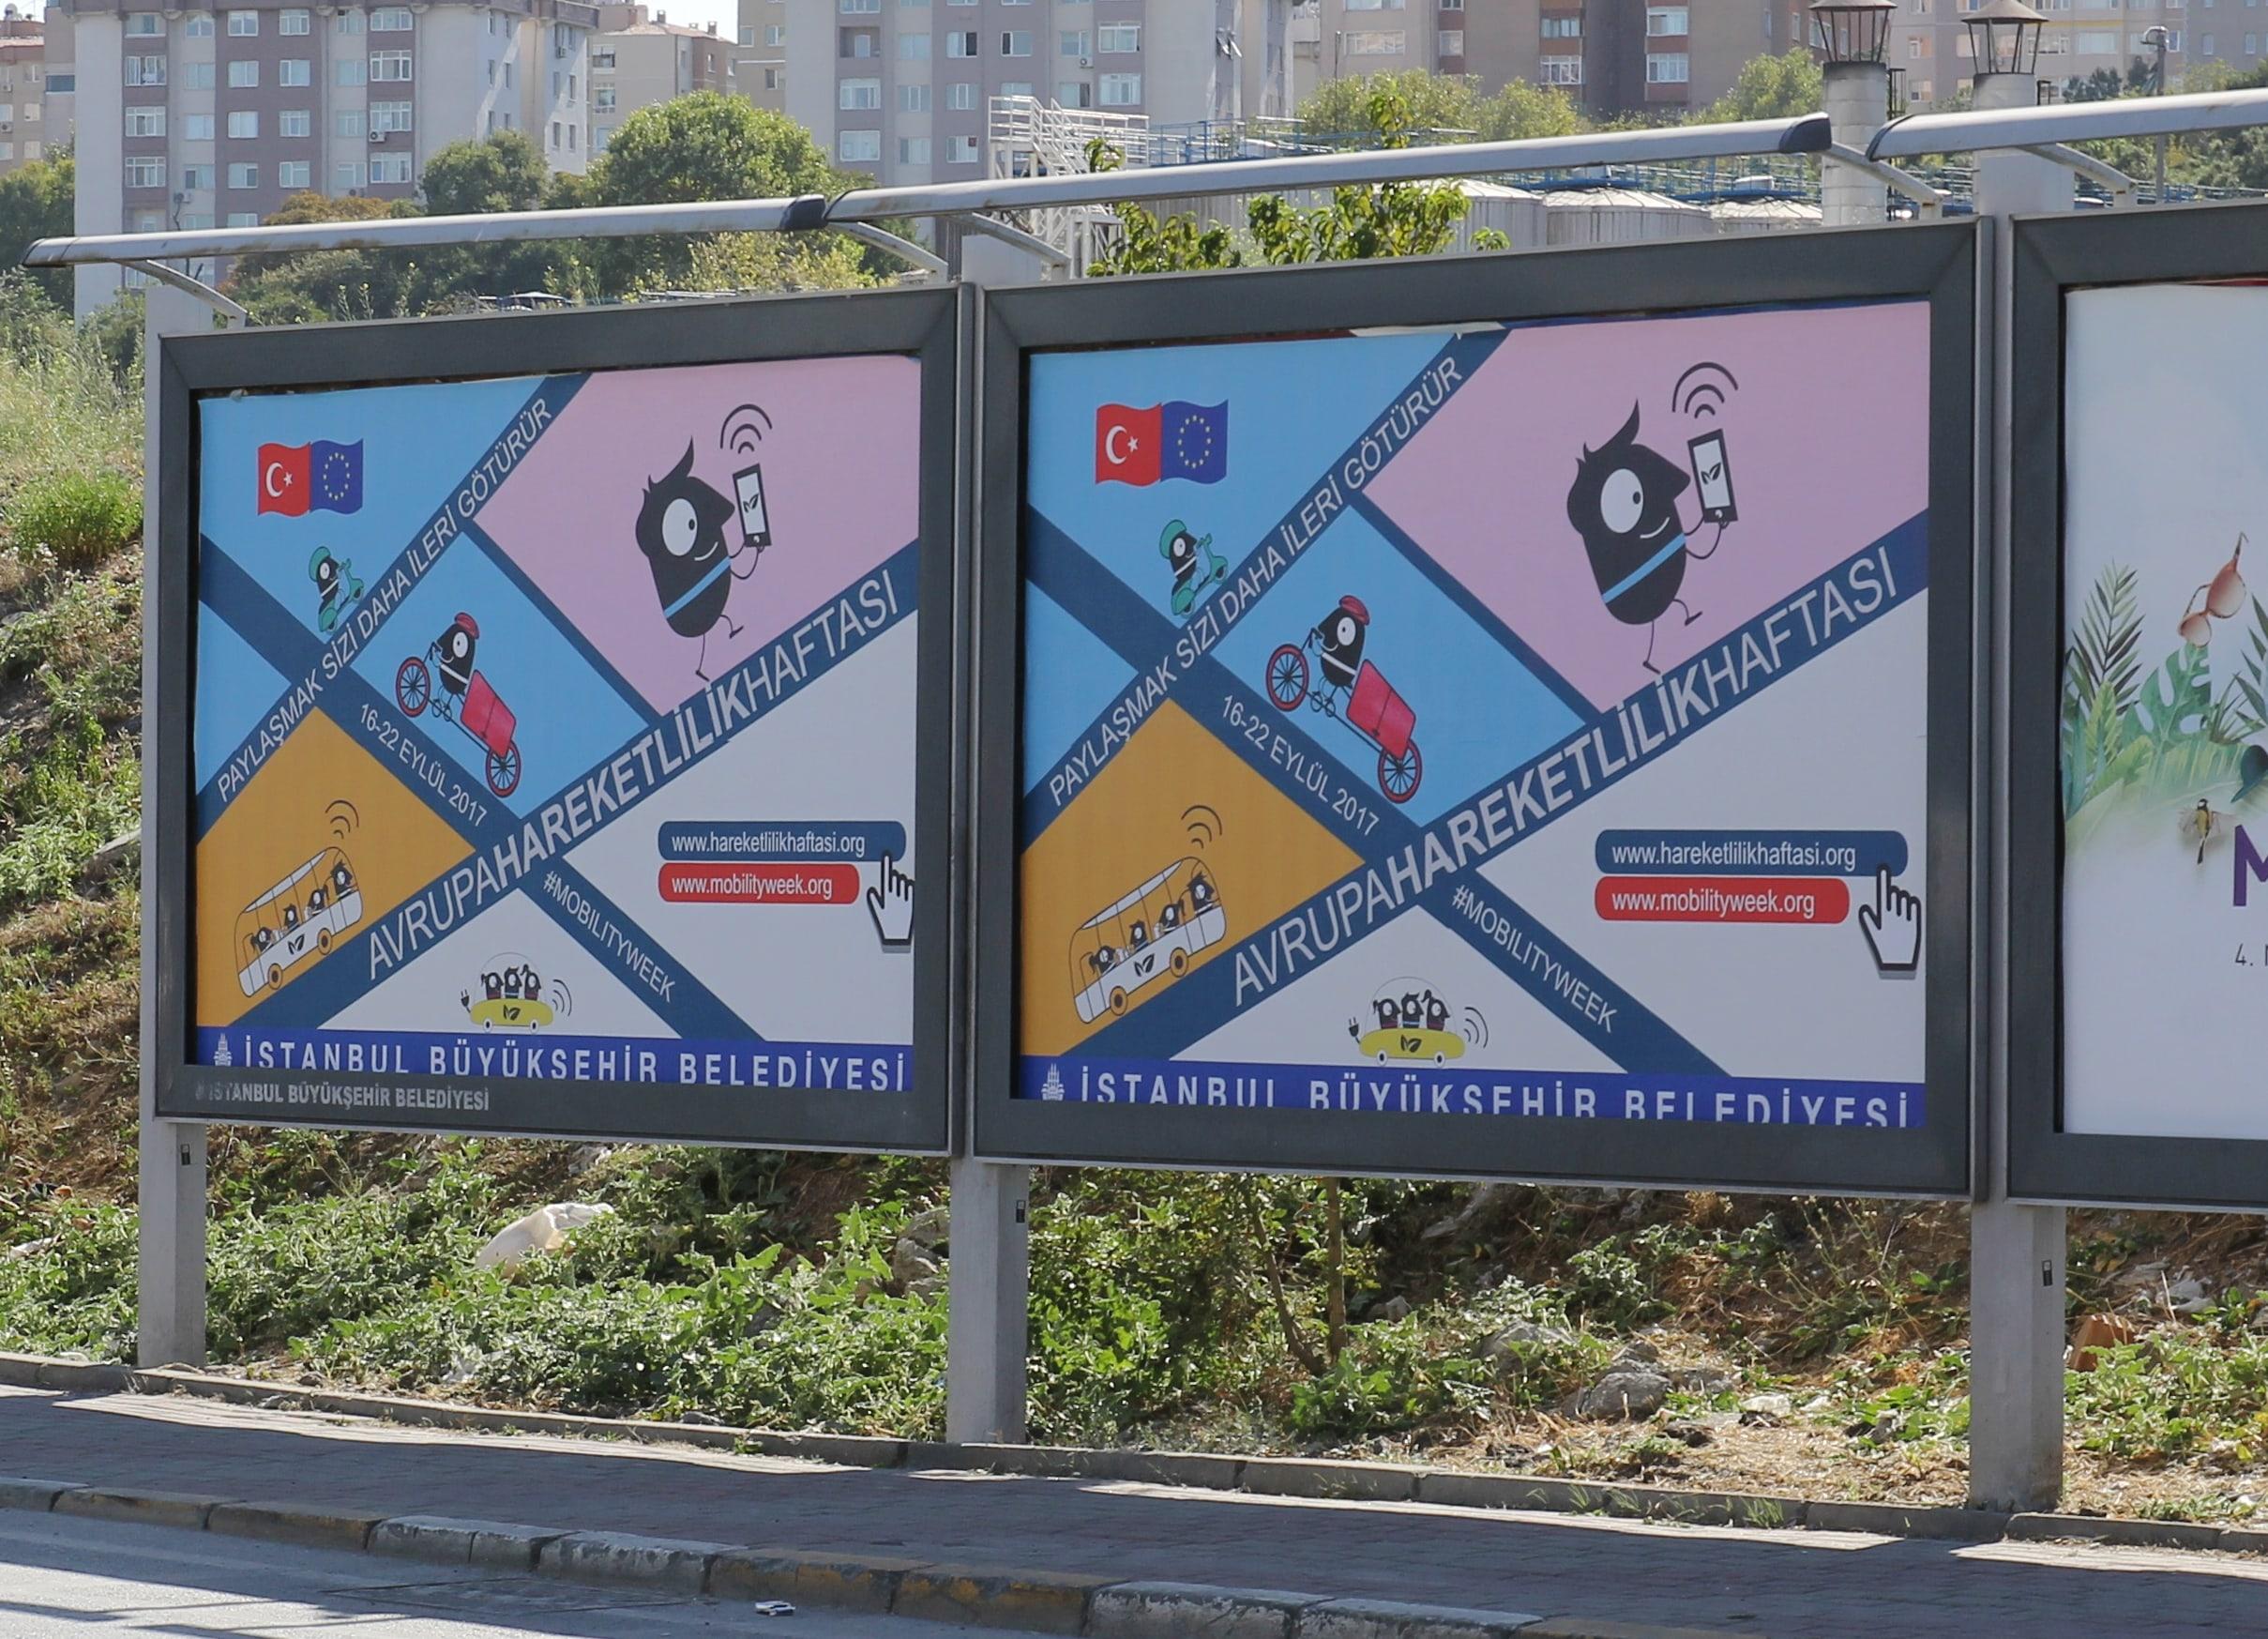 Avrupa Hareketlilik Haftası Tanıtım ve Görünürlük Faaliyetleri